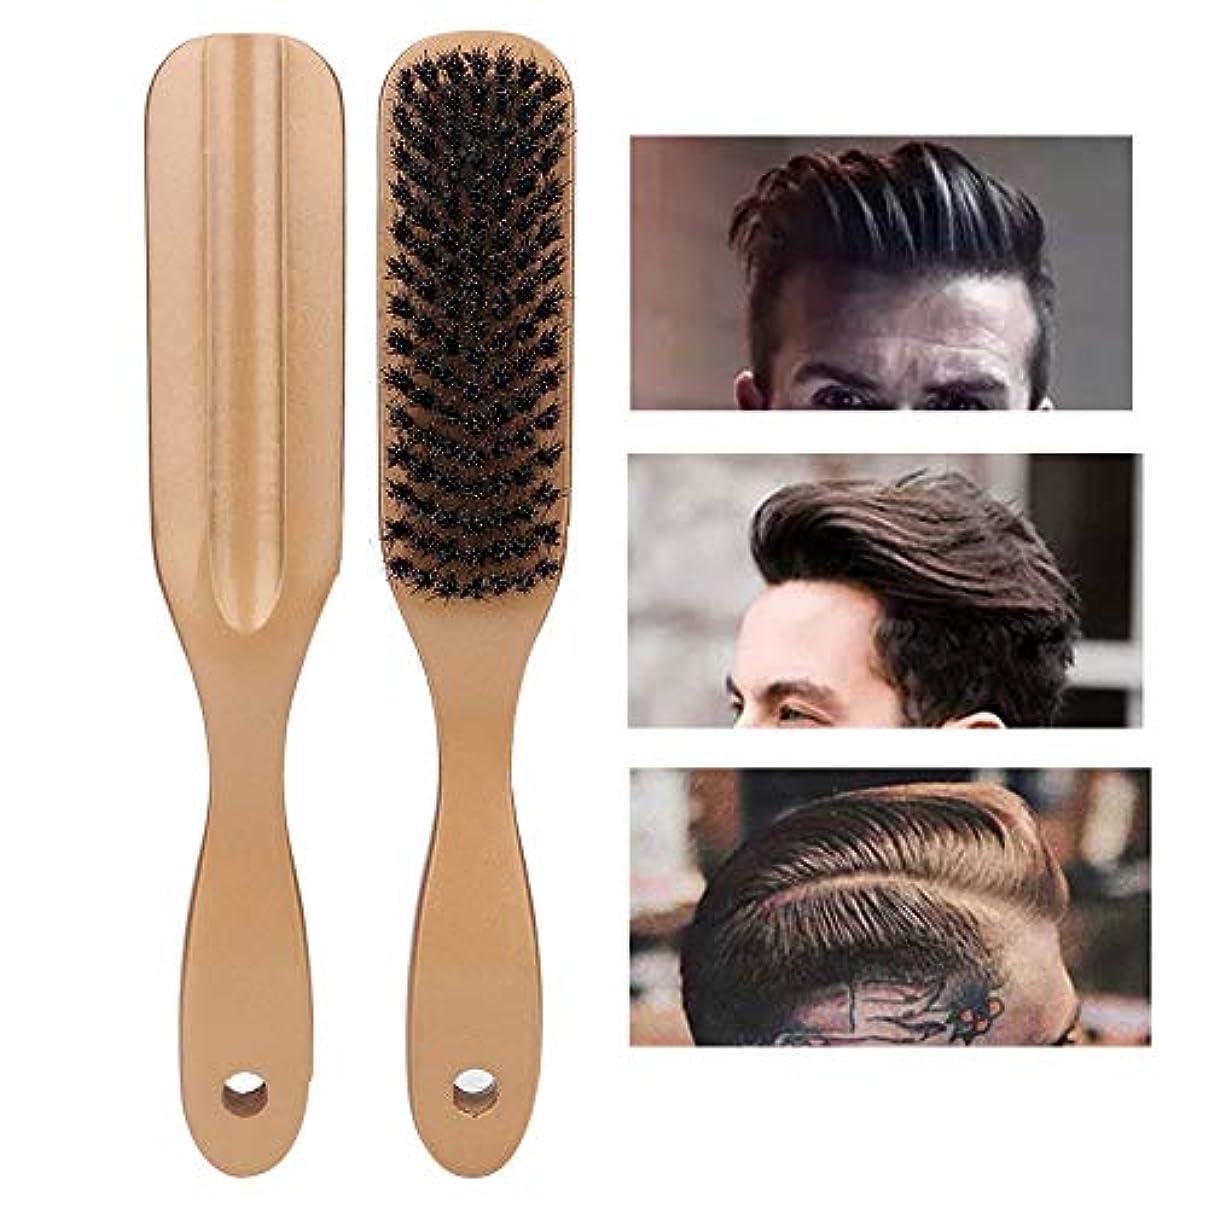 告発ルームフットボール人のひげの櫛のブラシオイルのヘッドブラシのヘアーケア用具(ダークイエロー)